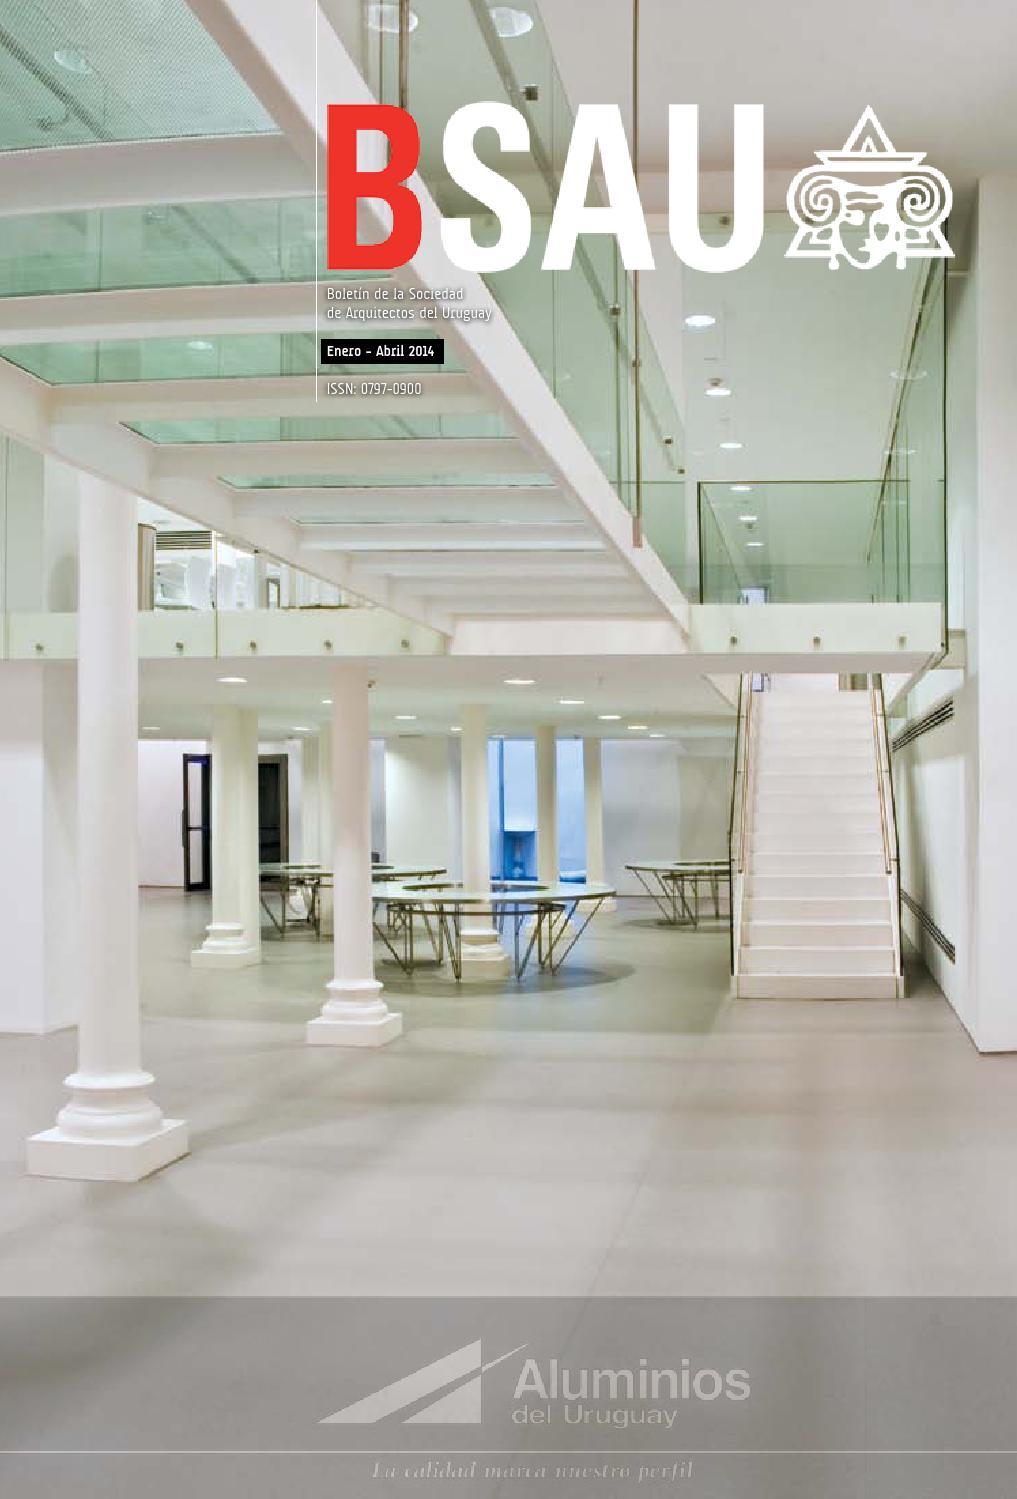 bsau enero abril 2014 by sociedad de arquitectos del